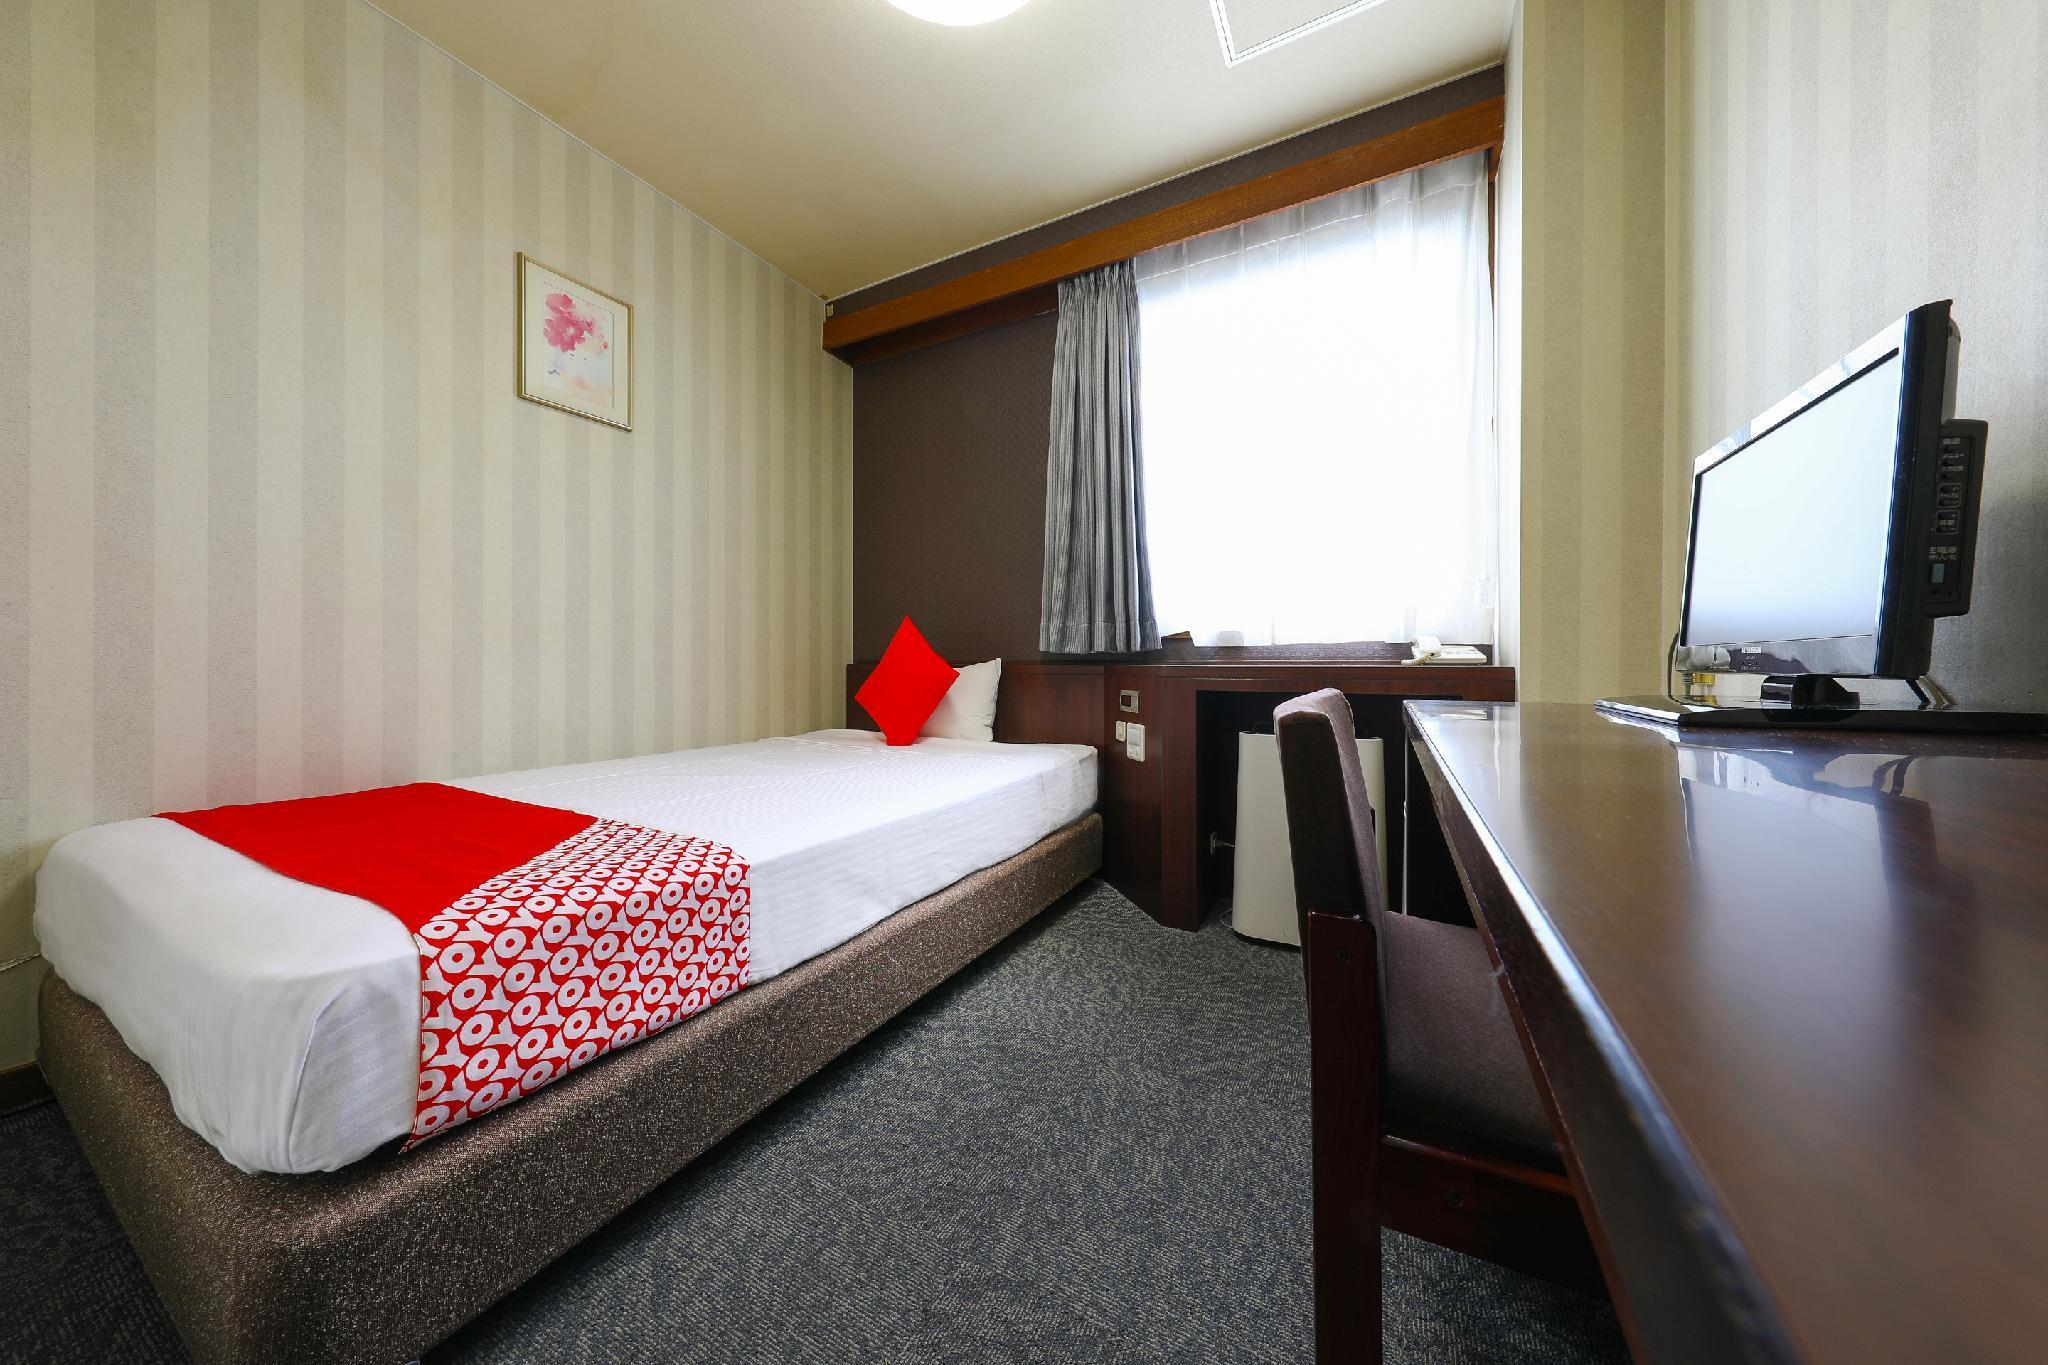 OYO 44320 Fukui Plaza Hotel, Fukui